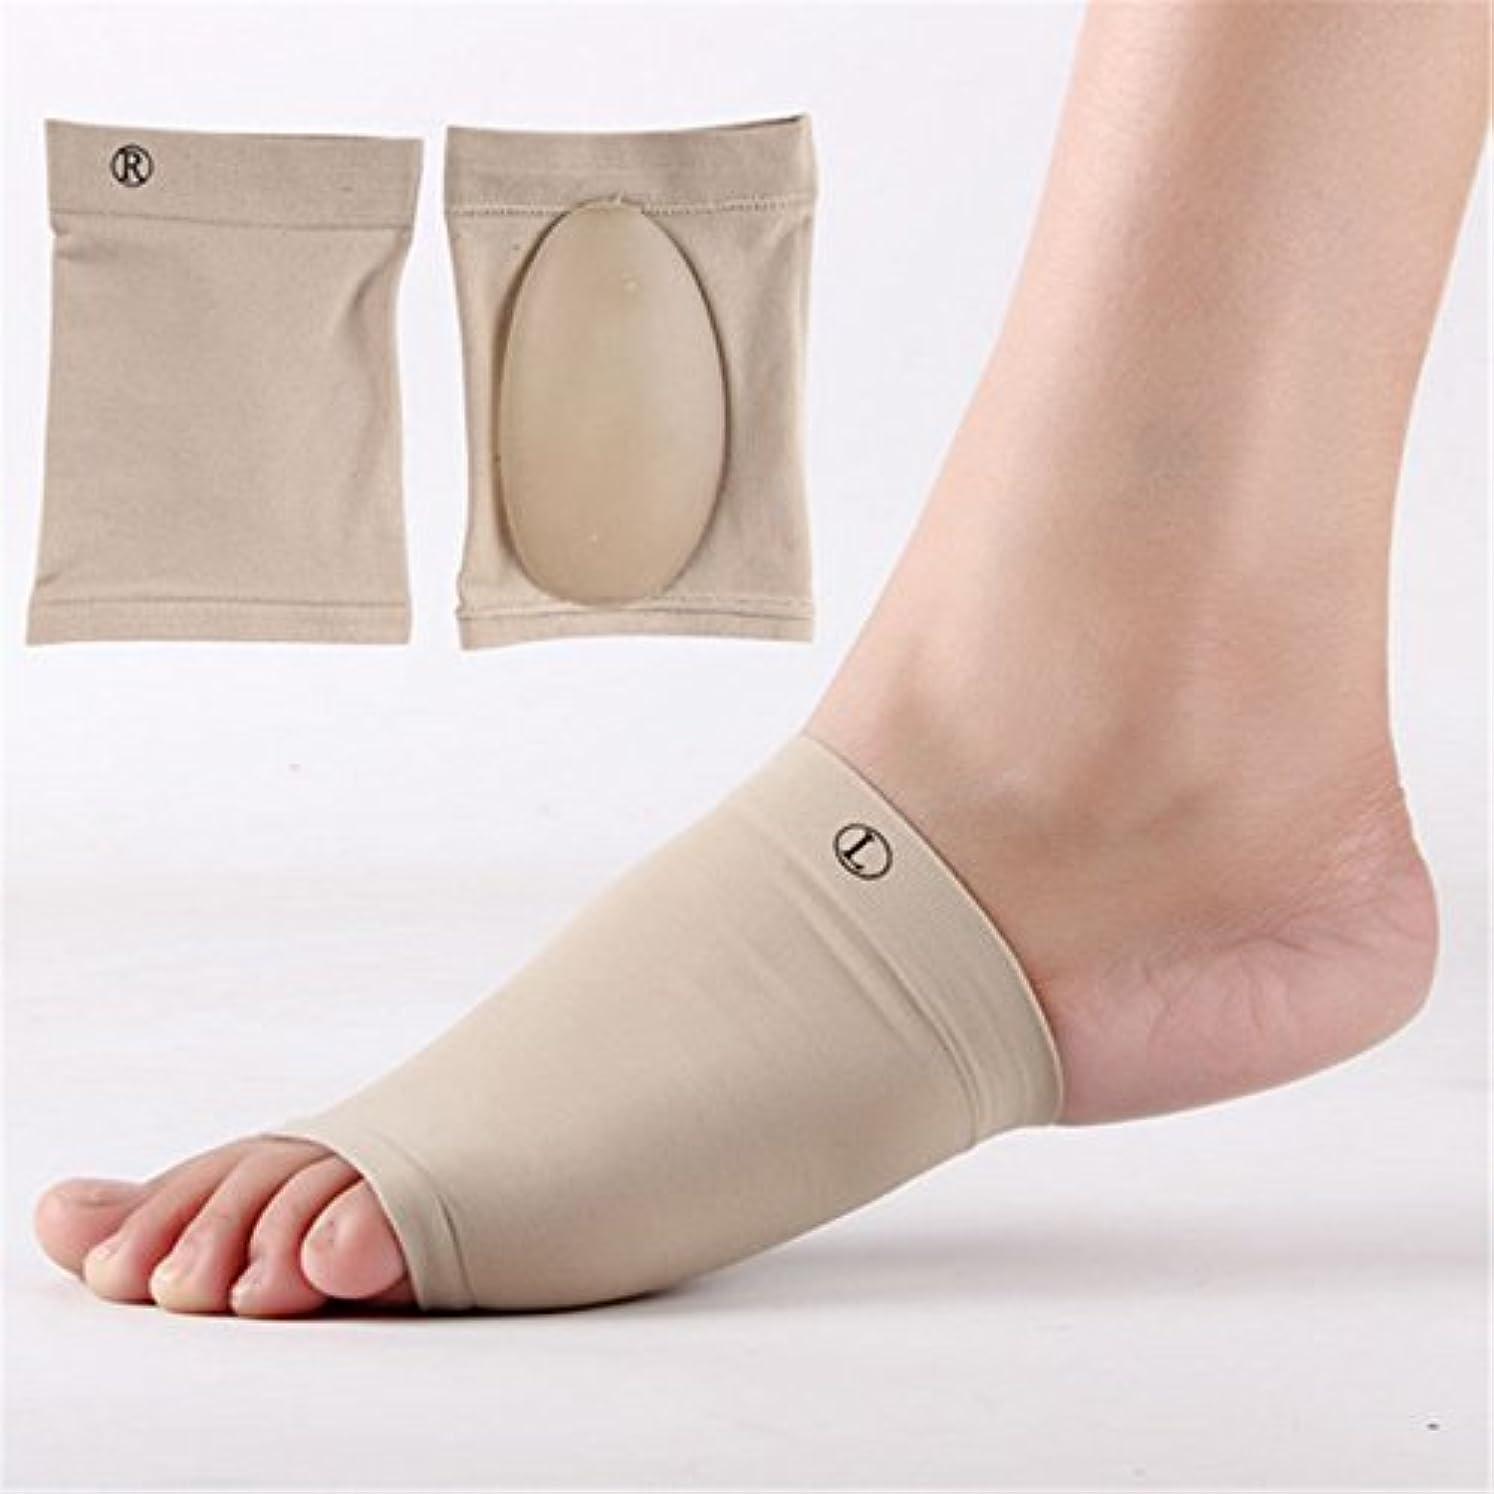 マントルにんじん興味Lorny(TM)1Pairジェル足底筋膜炎アーチサポートスリーブアーチソックスかかとクッションフラット足の整形外科靴パッドフットケア [並行輸入品]